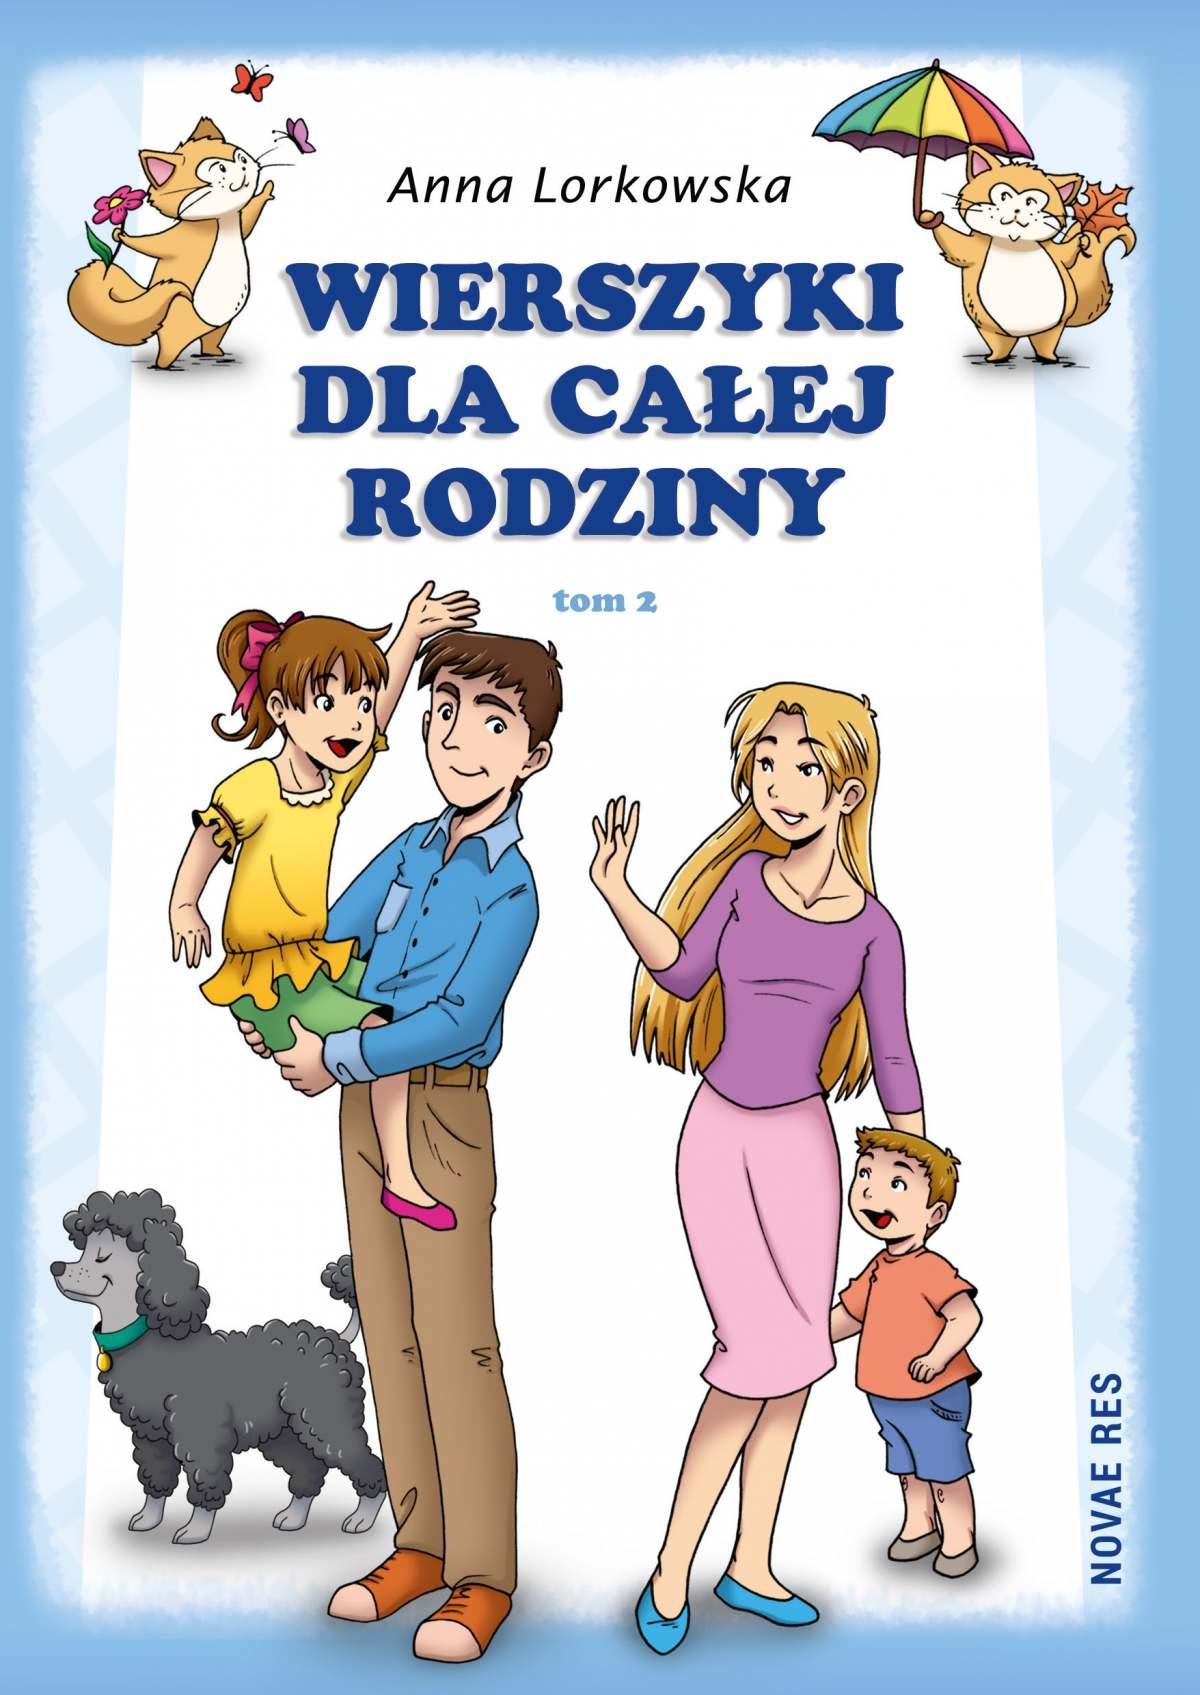 Wierszyki dla całej rodziny. Tom 2 - Ebook (Książka EPUB) do pobrania w formacie EPUB